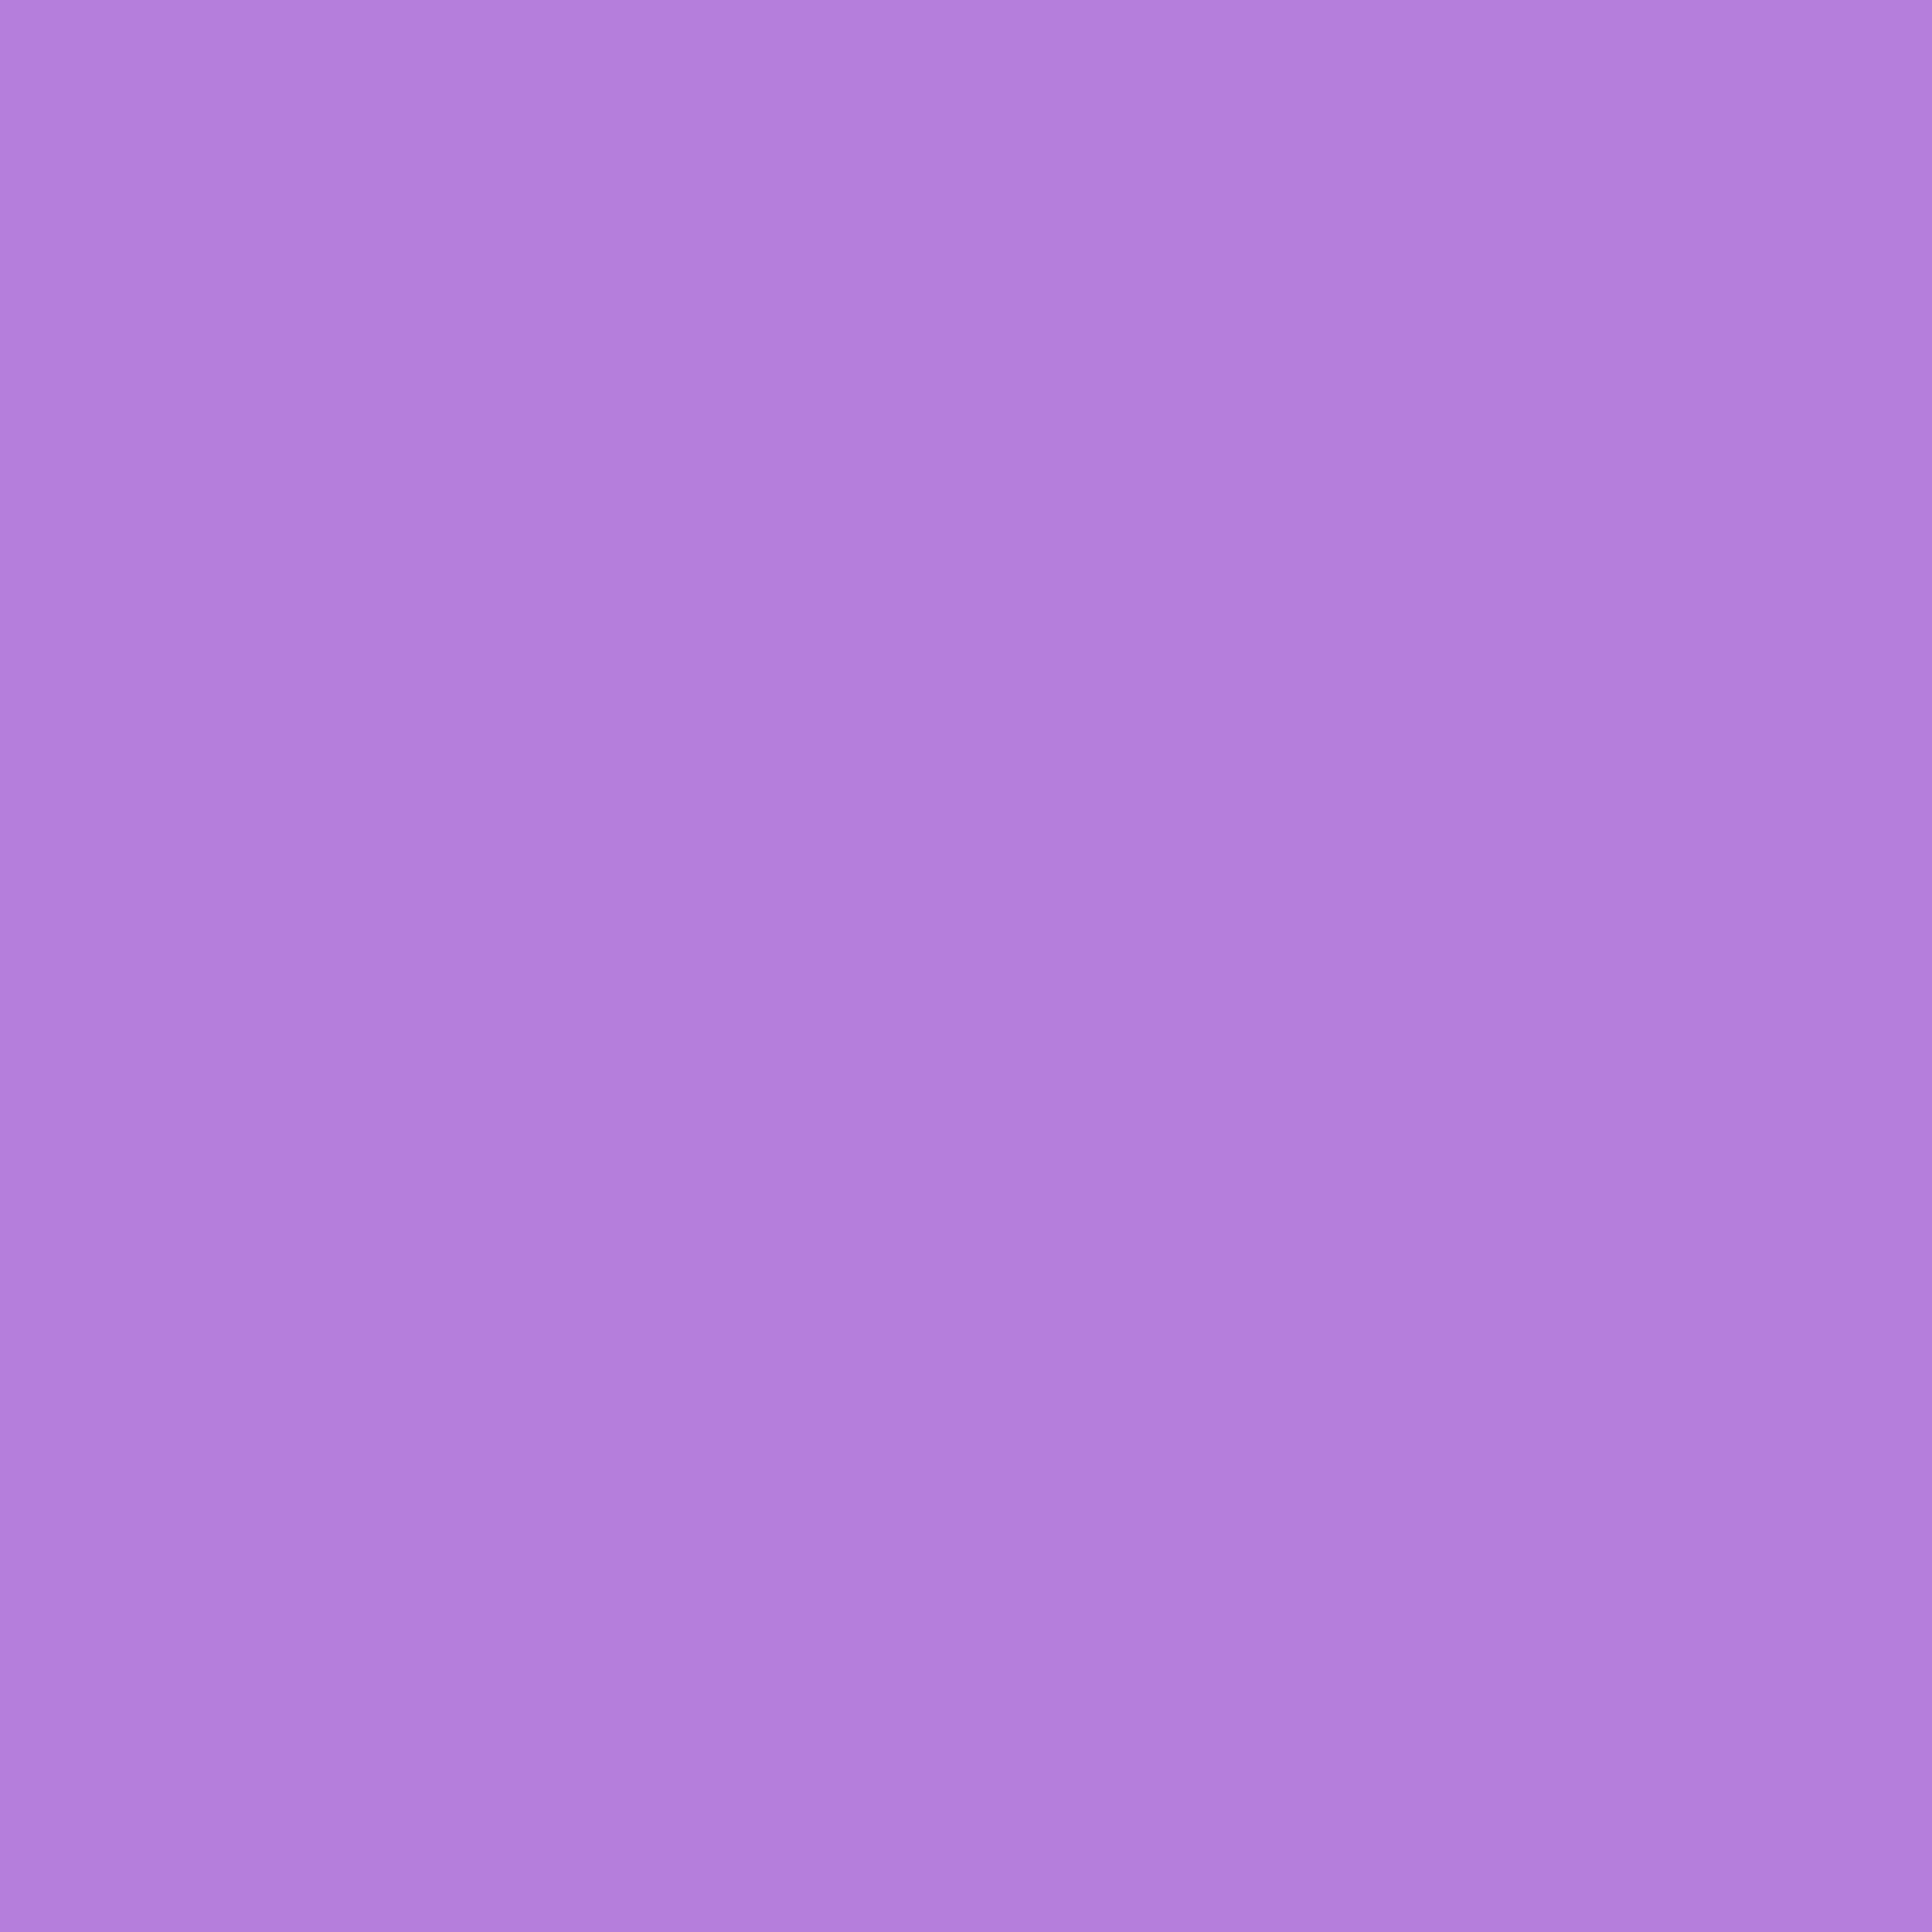 3600x3600 Lavender Floral Solid Color Background